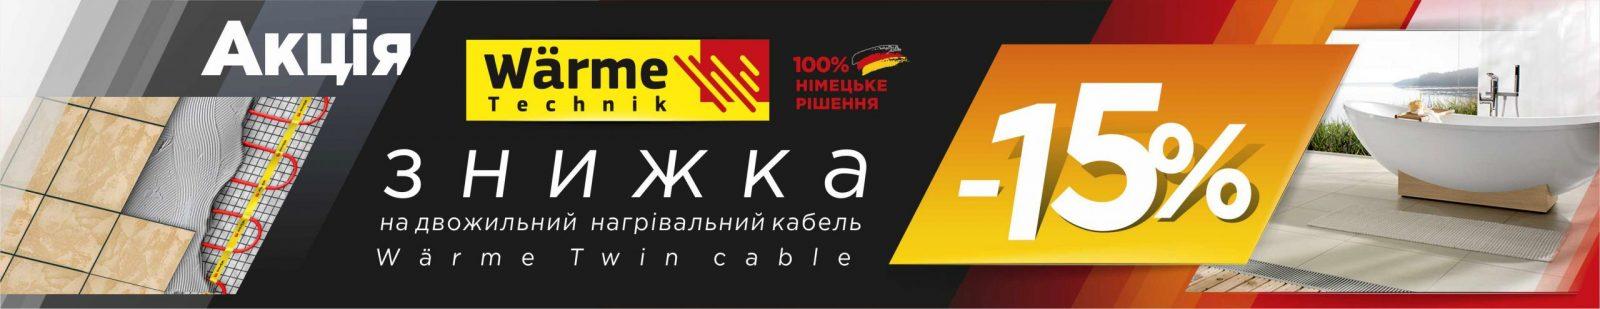 bann ww  ukr warme akciya 15   pr  scaled Всеукраїнська Акція «Літо з Wärme»   знижка 15%